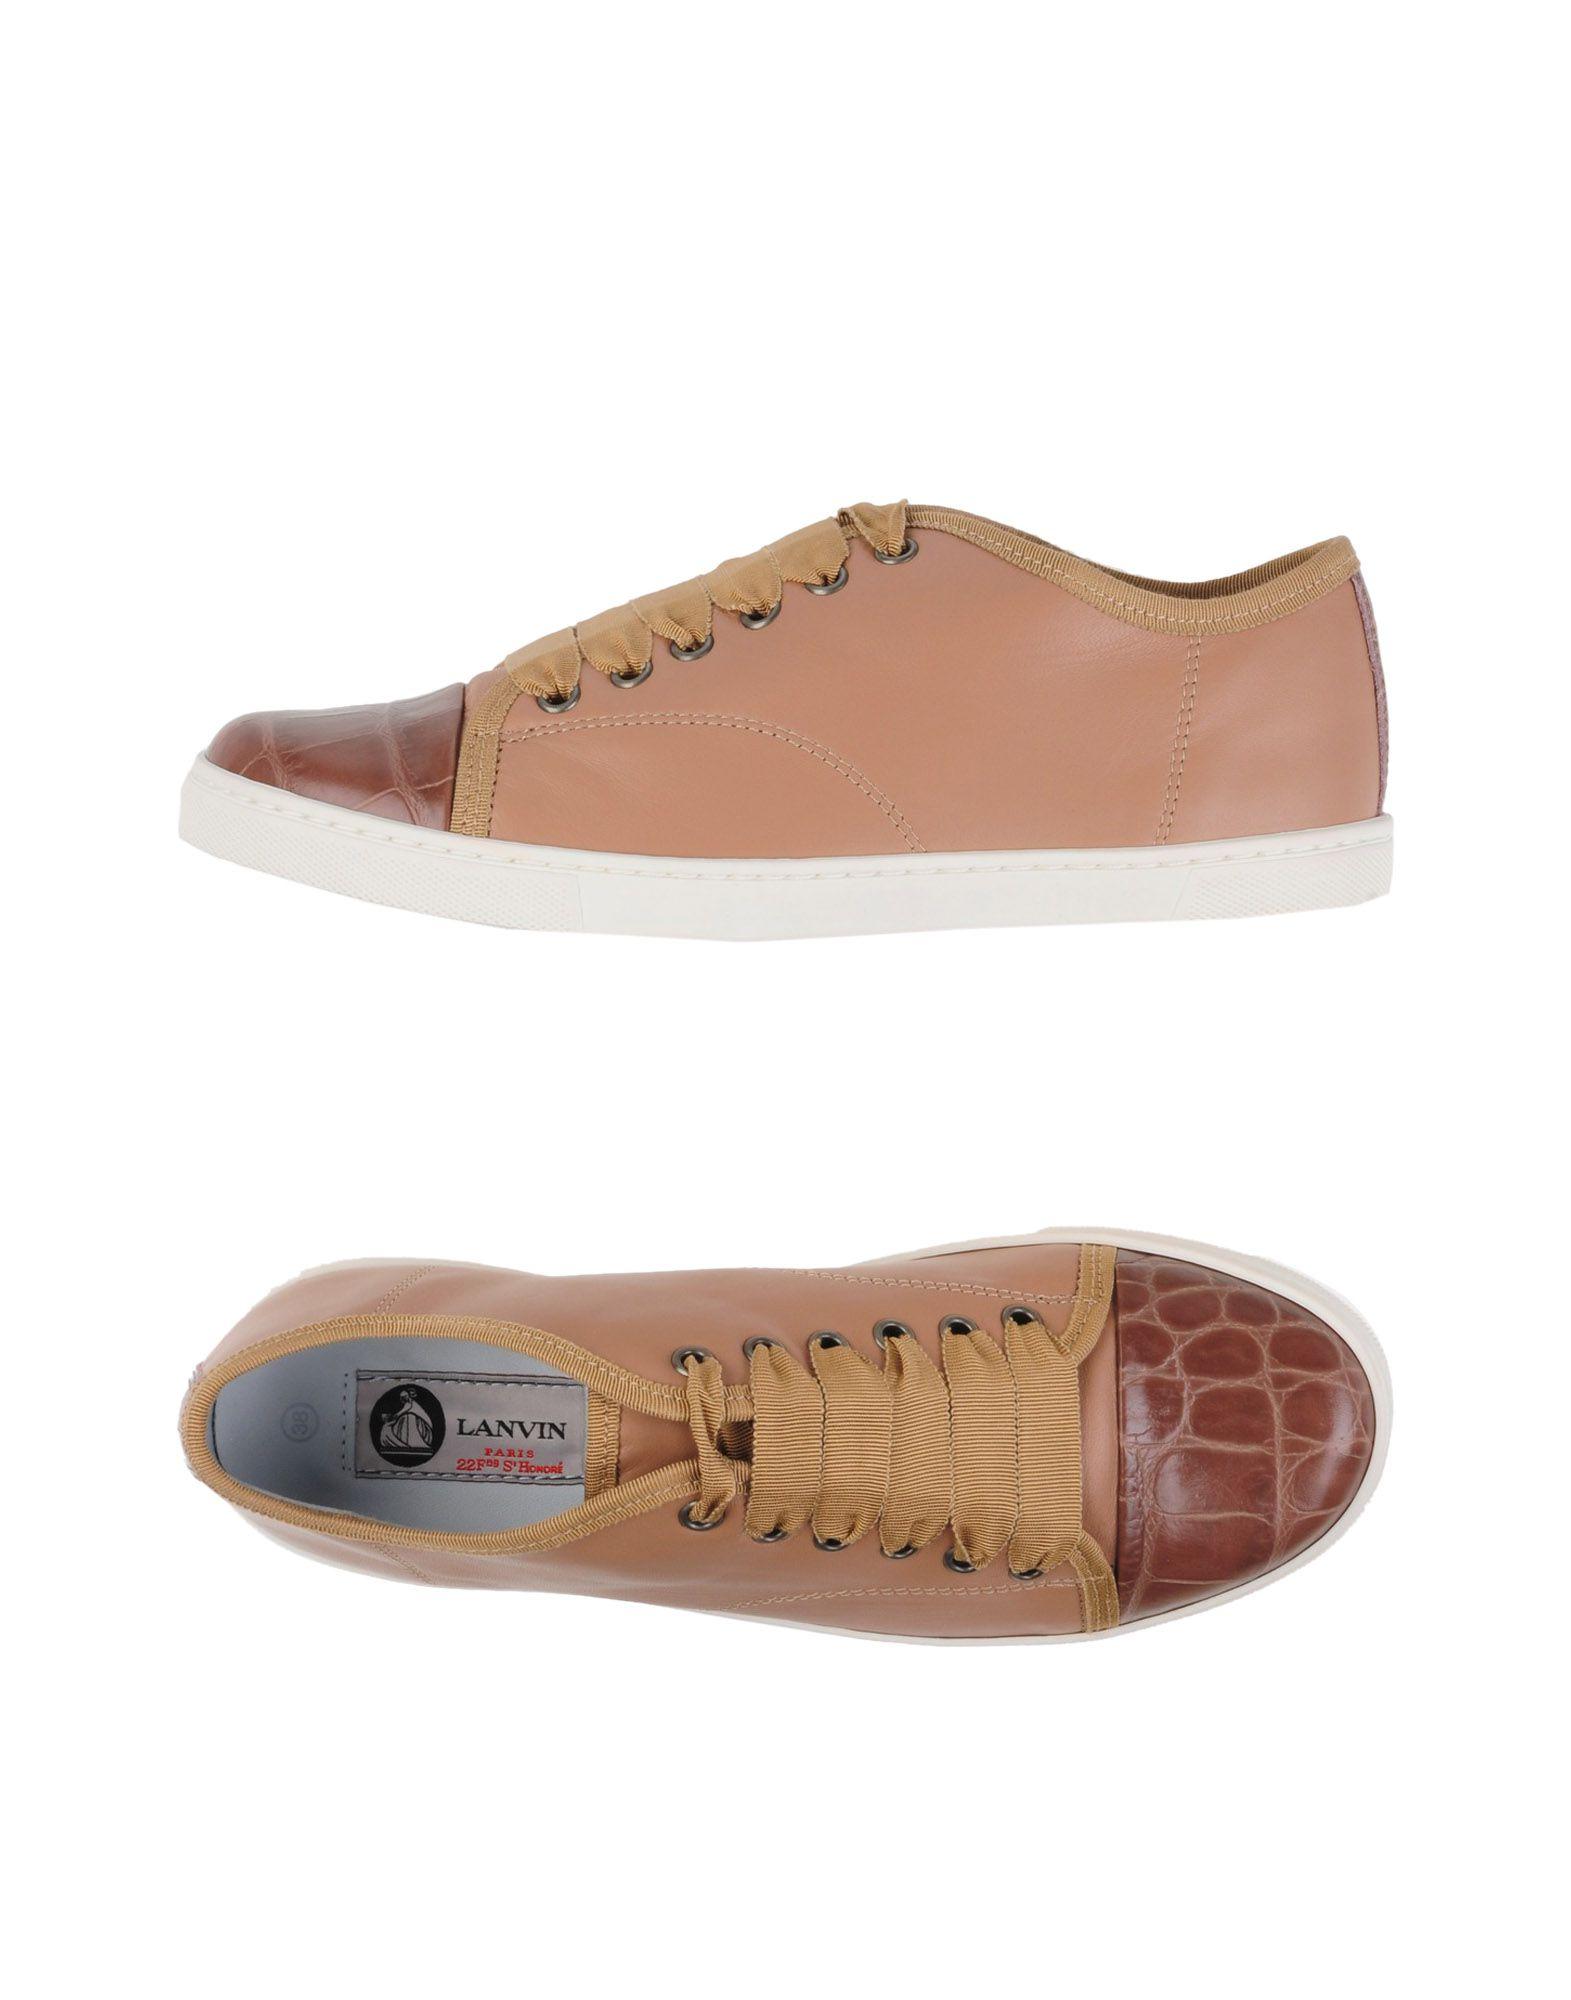 LANVIN Damen Low Sneakers & Tennisschuhe Farbe Nude Größe 9